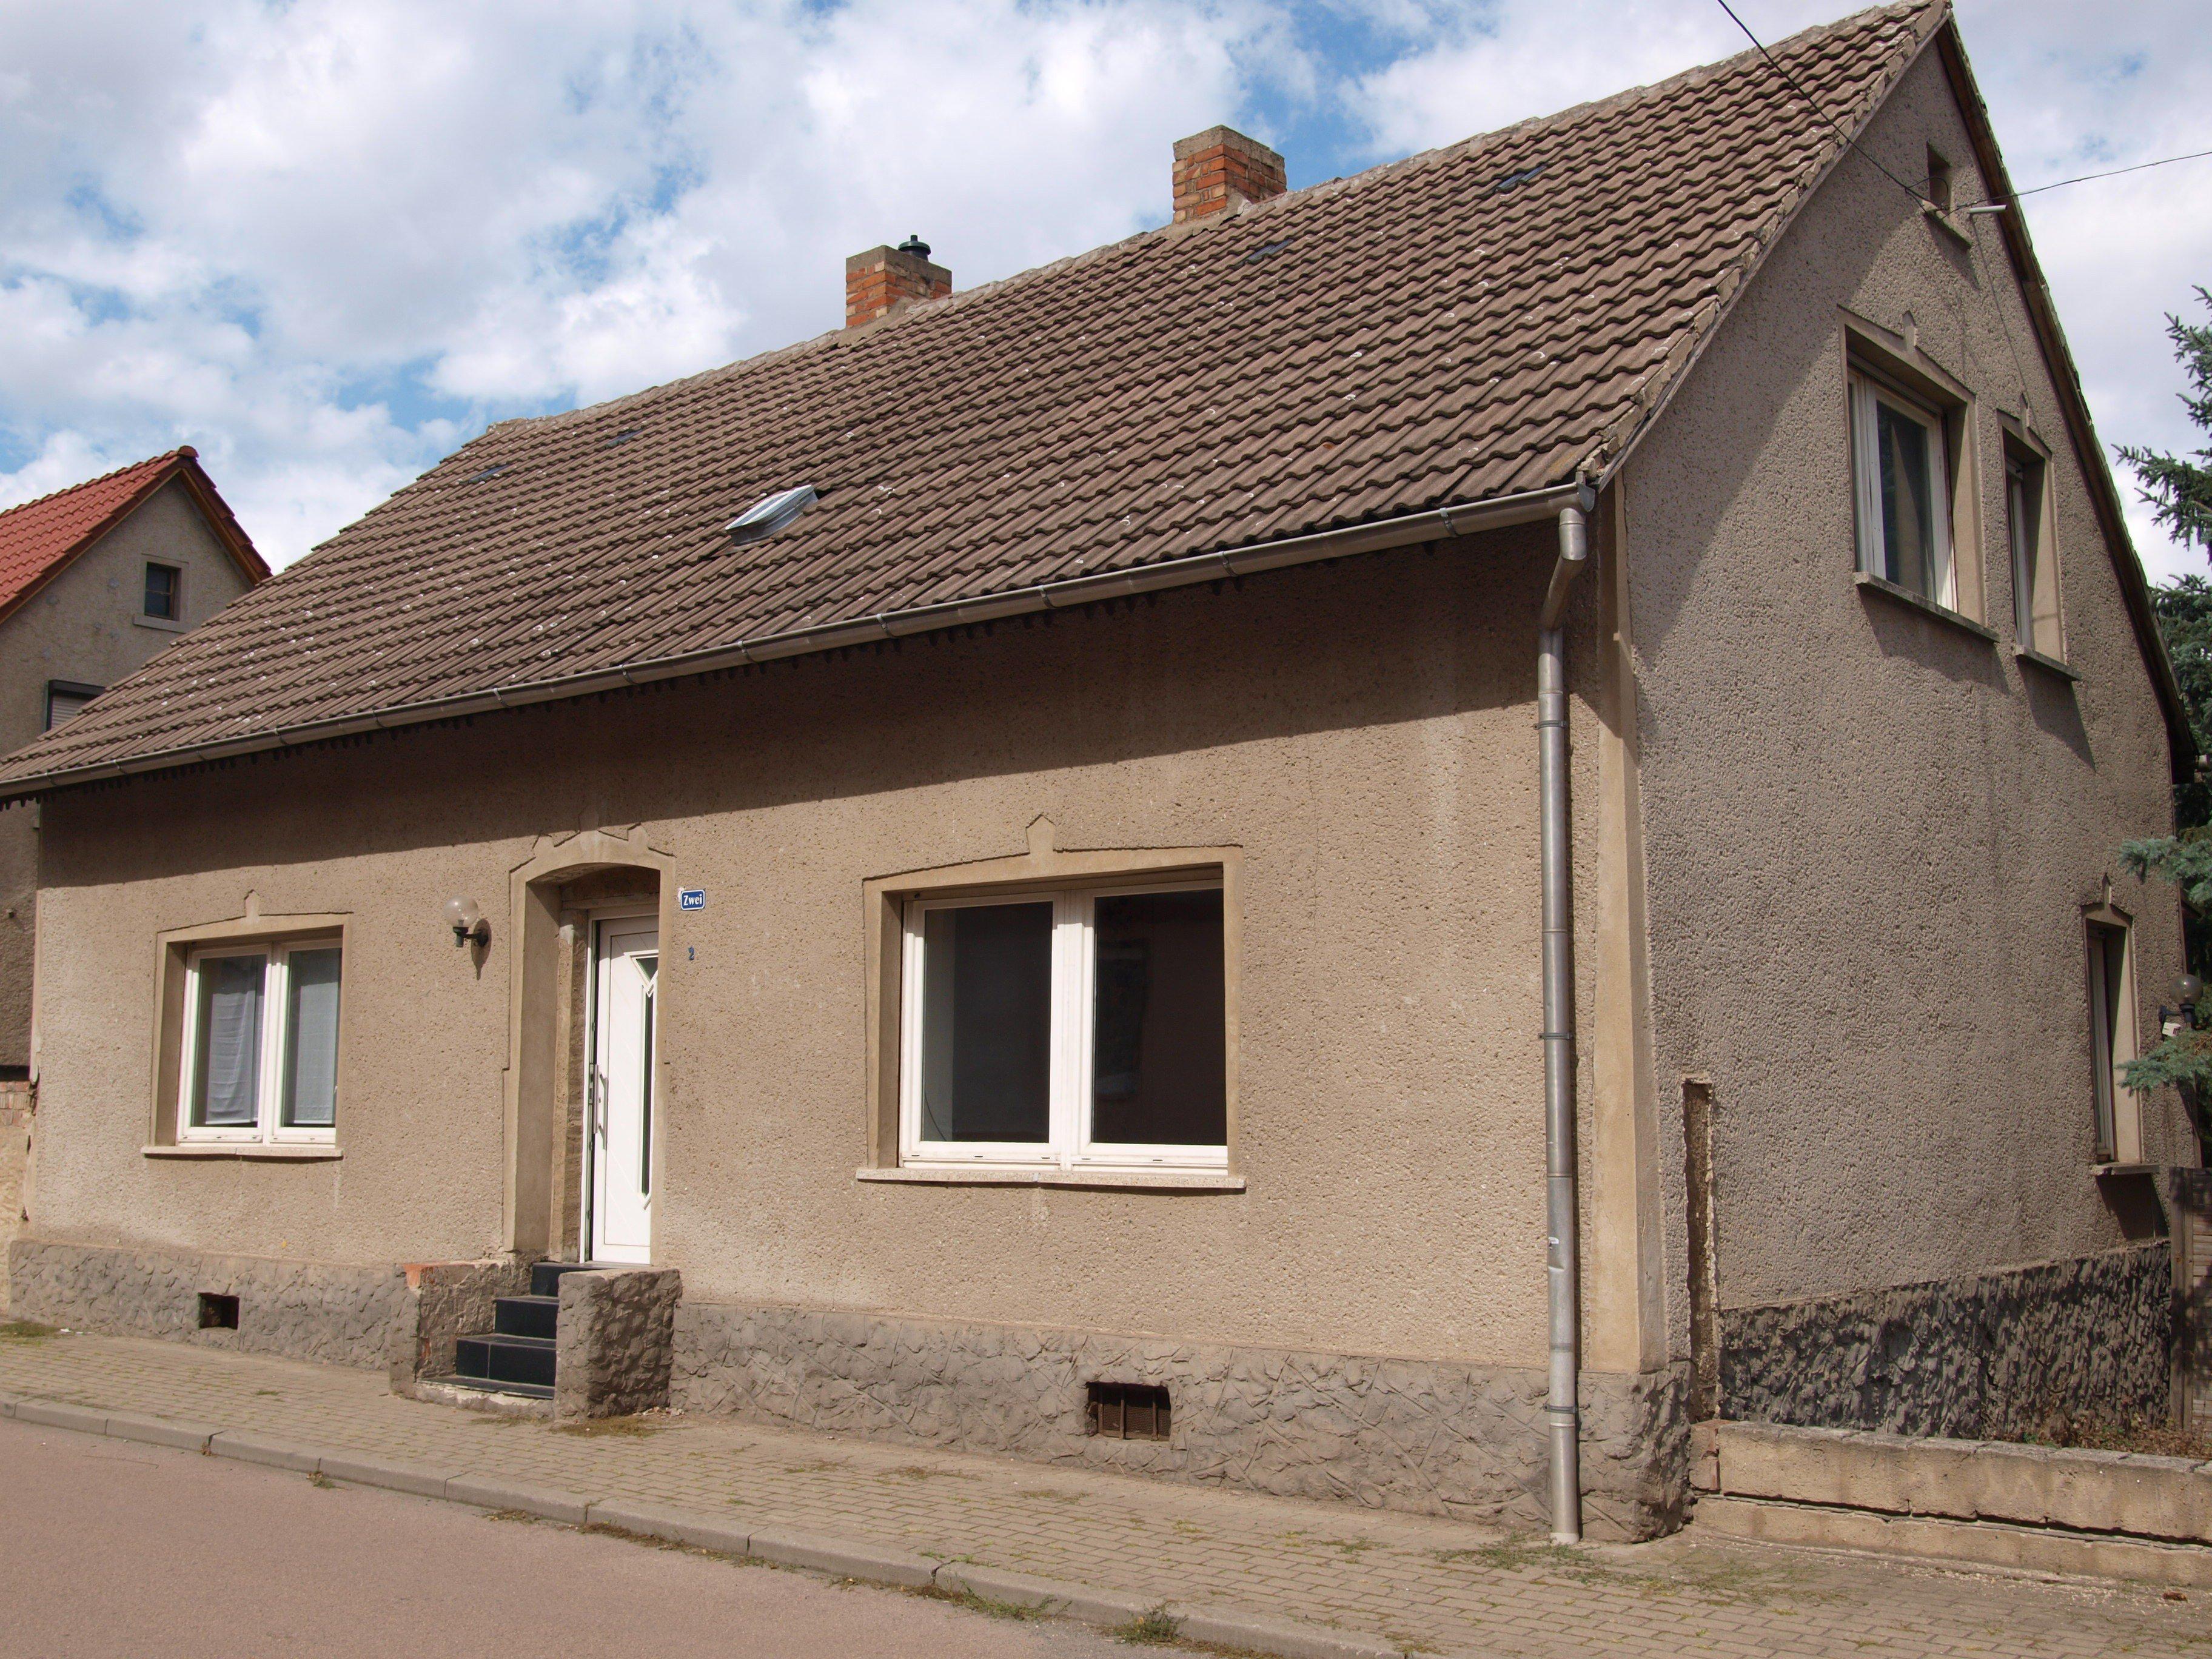 Einfamilienhaus Mansfeld - seitliche Vorderansicht